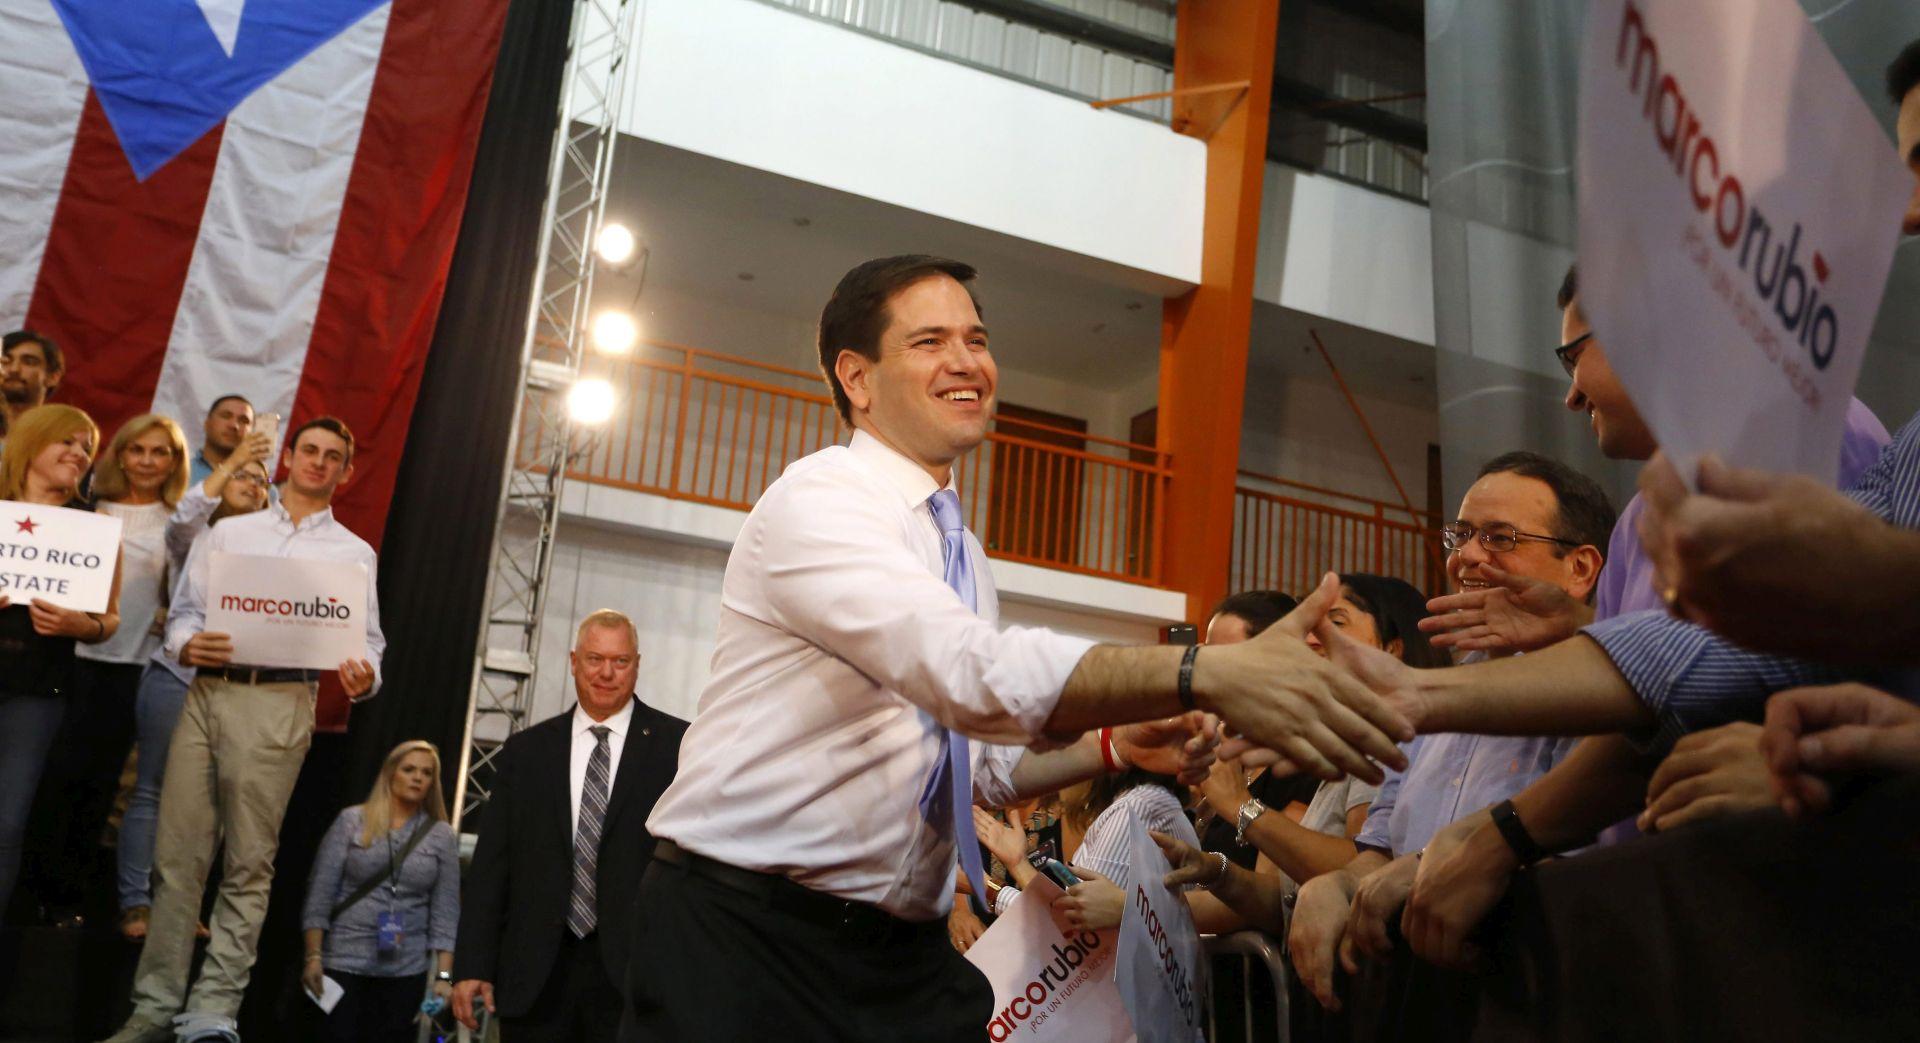 UVJERLJIVO VODSTVO: Rubio ojačao poziciju pobjedom u Portoriku